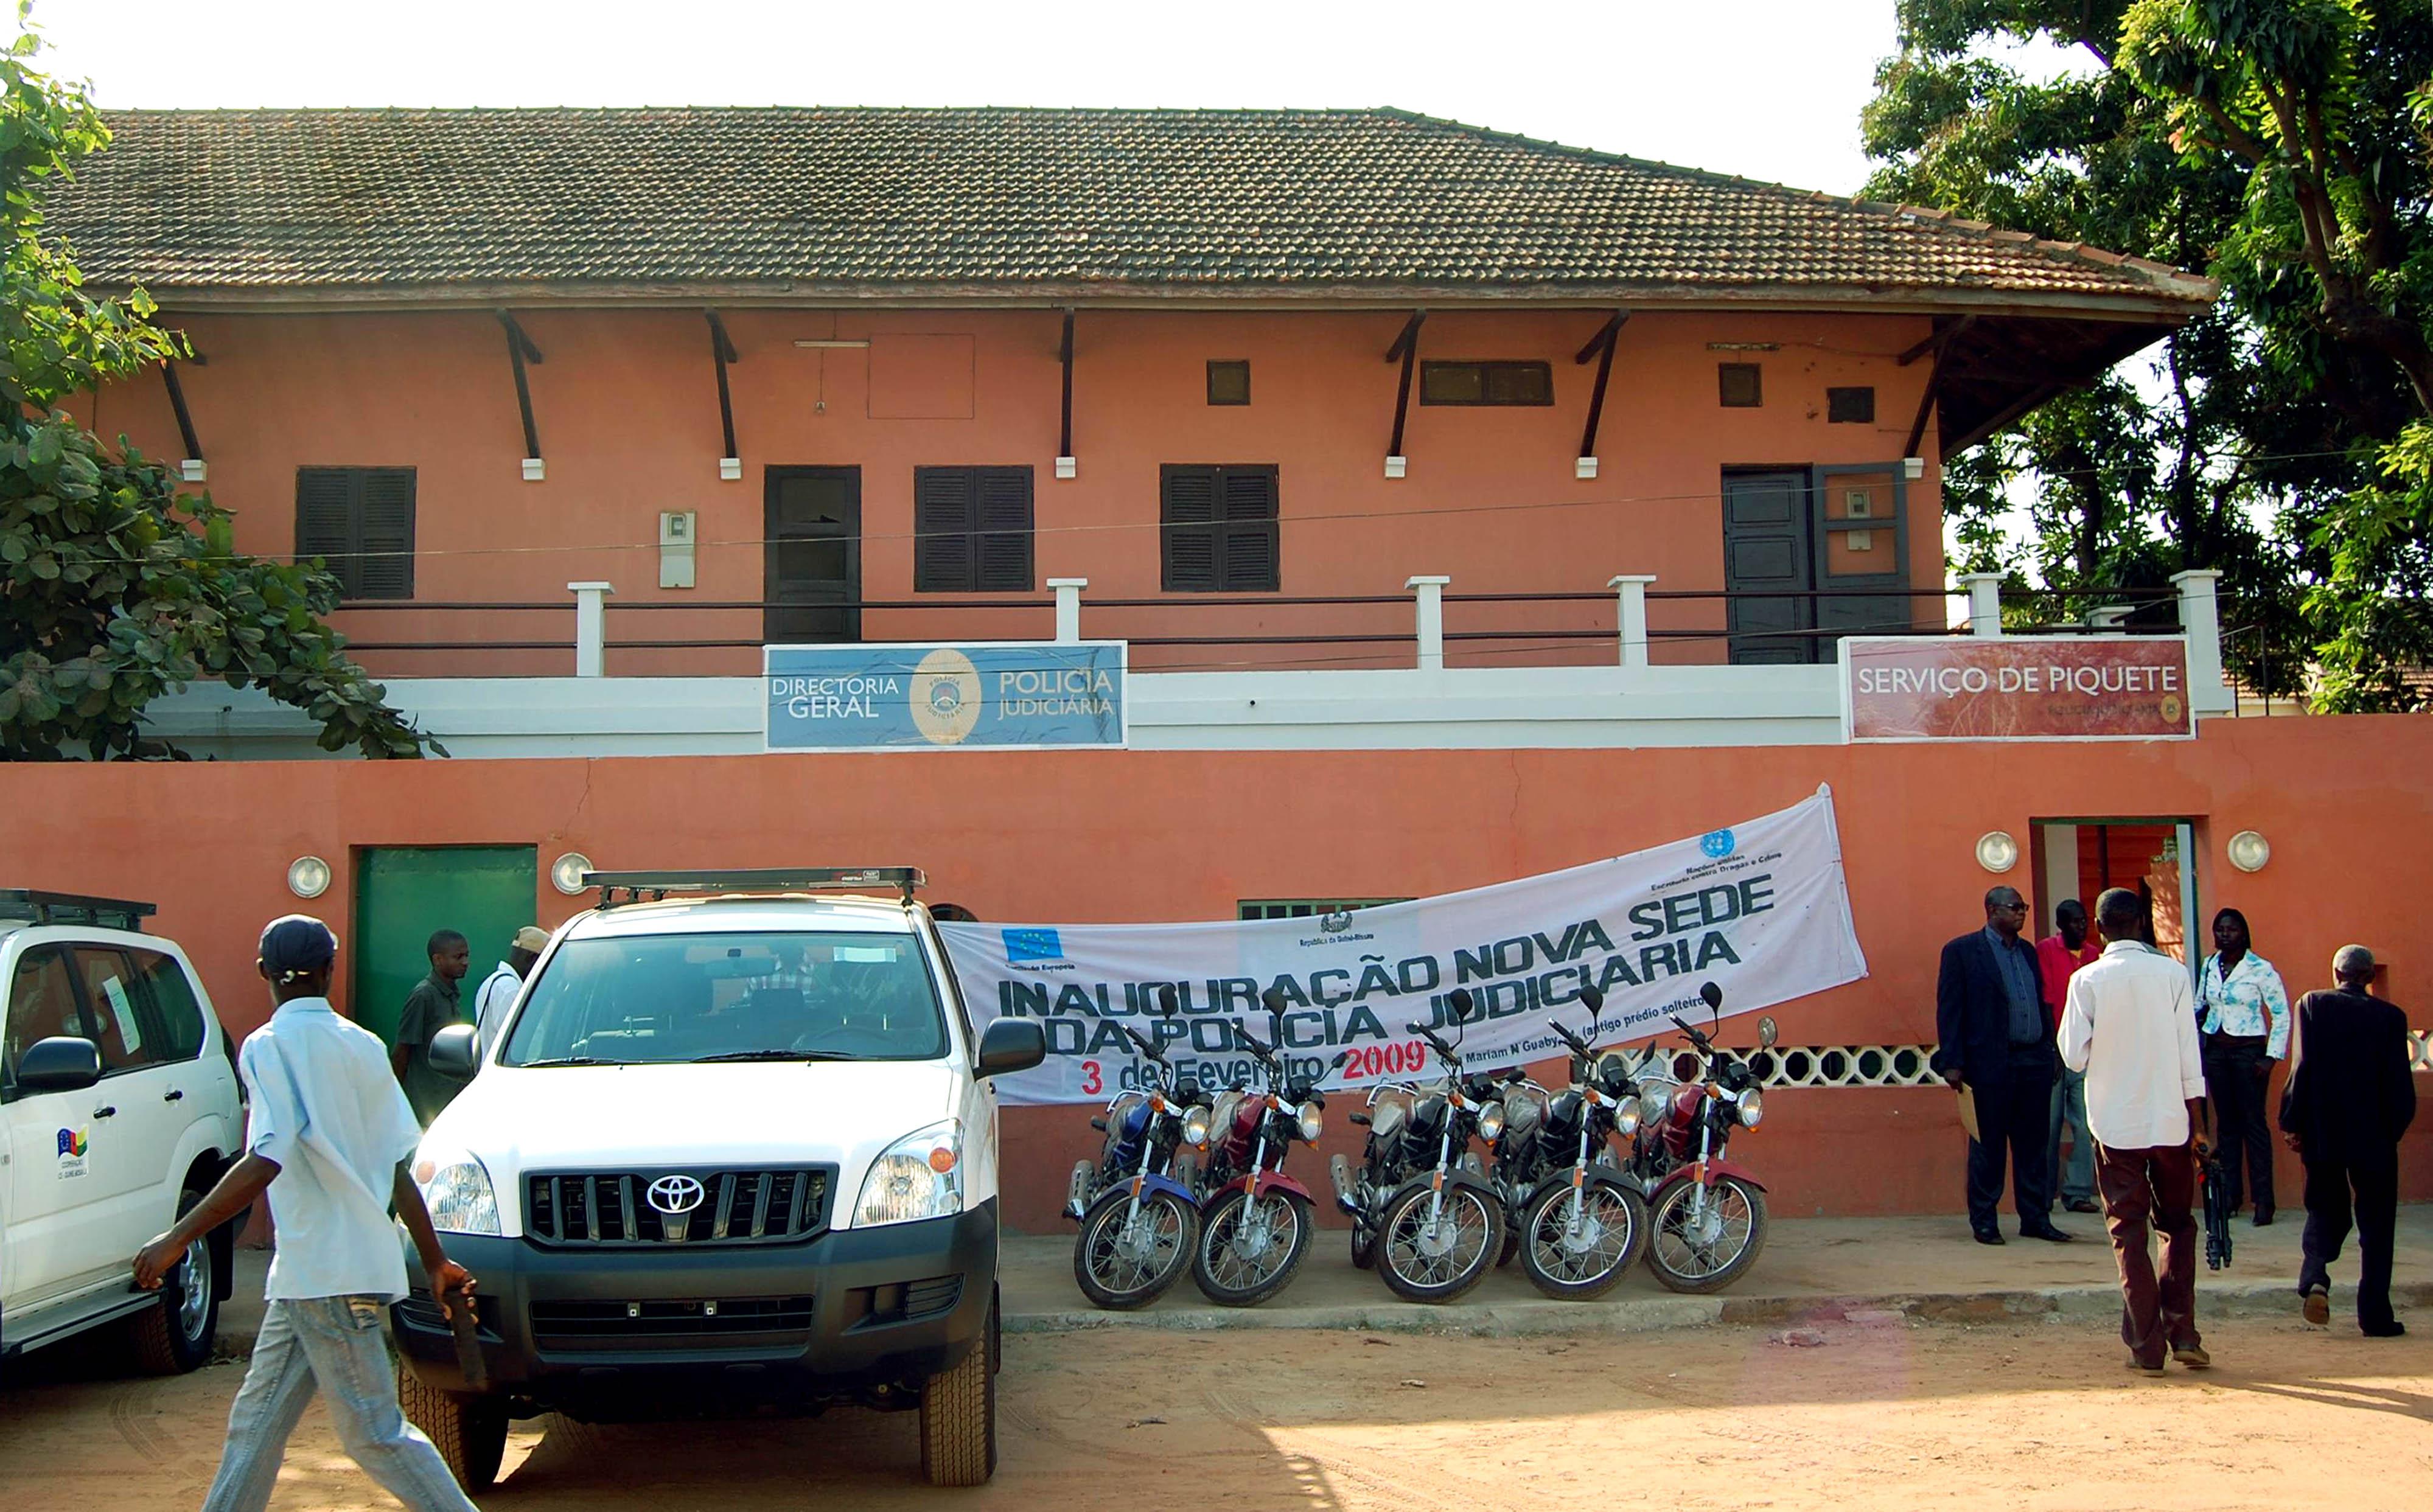 PJ - Inauguração da sede da Polícia Judiciária em Bissau.